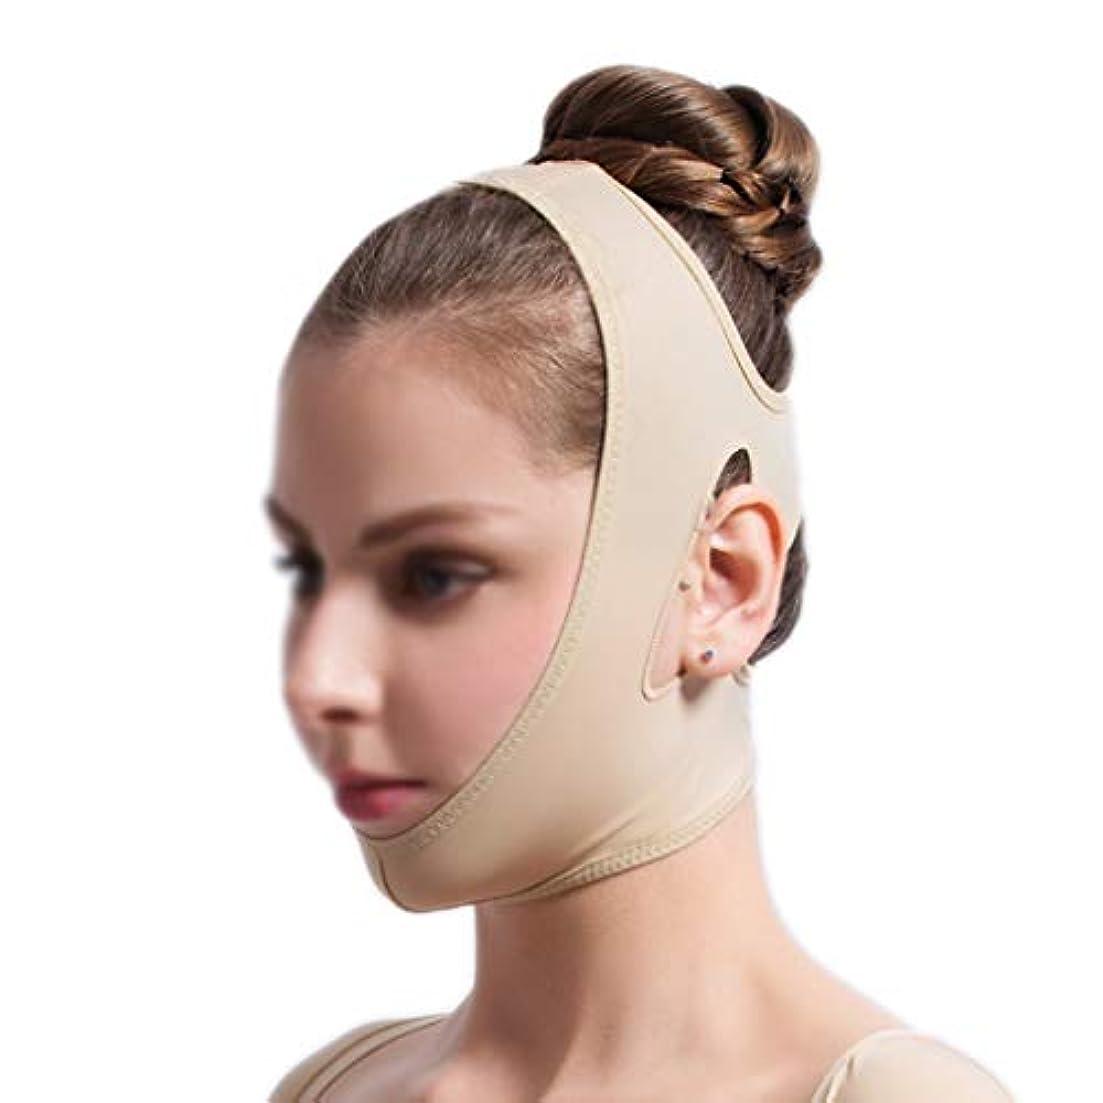 おびえた吸収アプライアンスXHLMRMJ フェイスリフティング包帯、フェイシャル減量マスク、フェイシャルリフティング痩身ベルト、痩身頬マスク (Size : XXL)